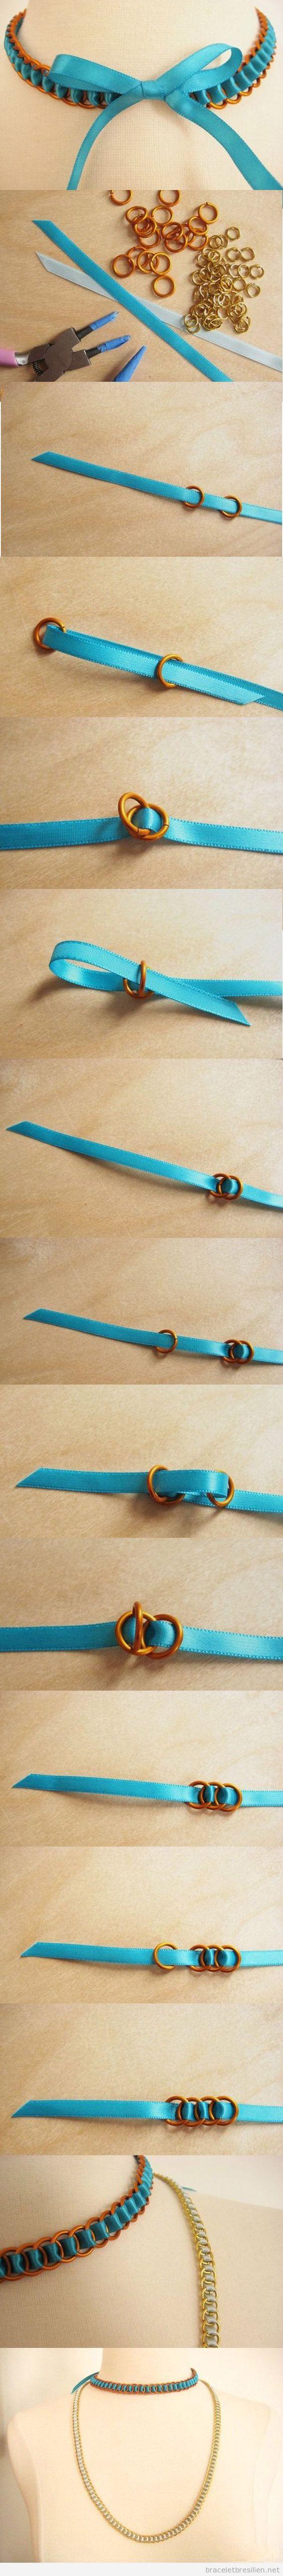 Faisez attention a ce truc pour anneler les aneux et le ruban de satin en vue de fabriquer des colliers et bracelet simples, j'adore ce tuto! C'est plus simple si vous utilisez des pinc…